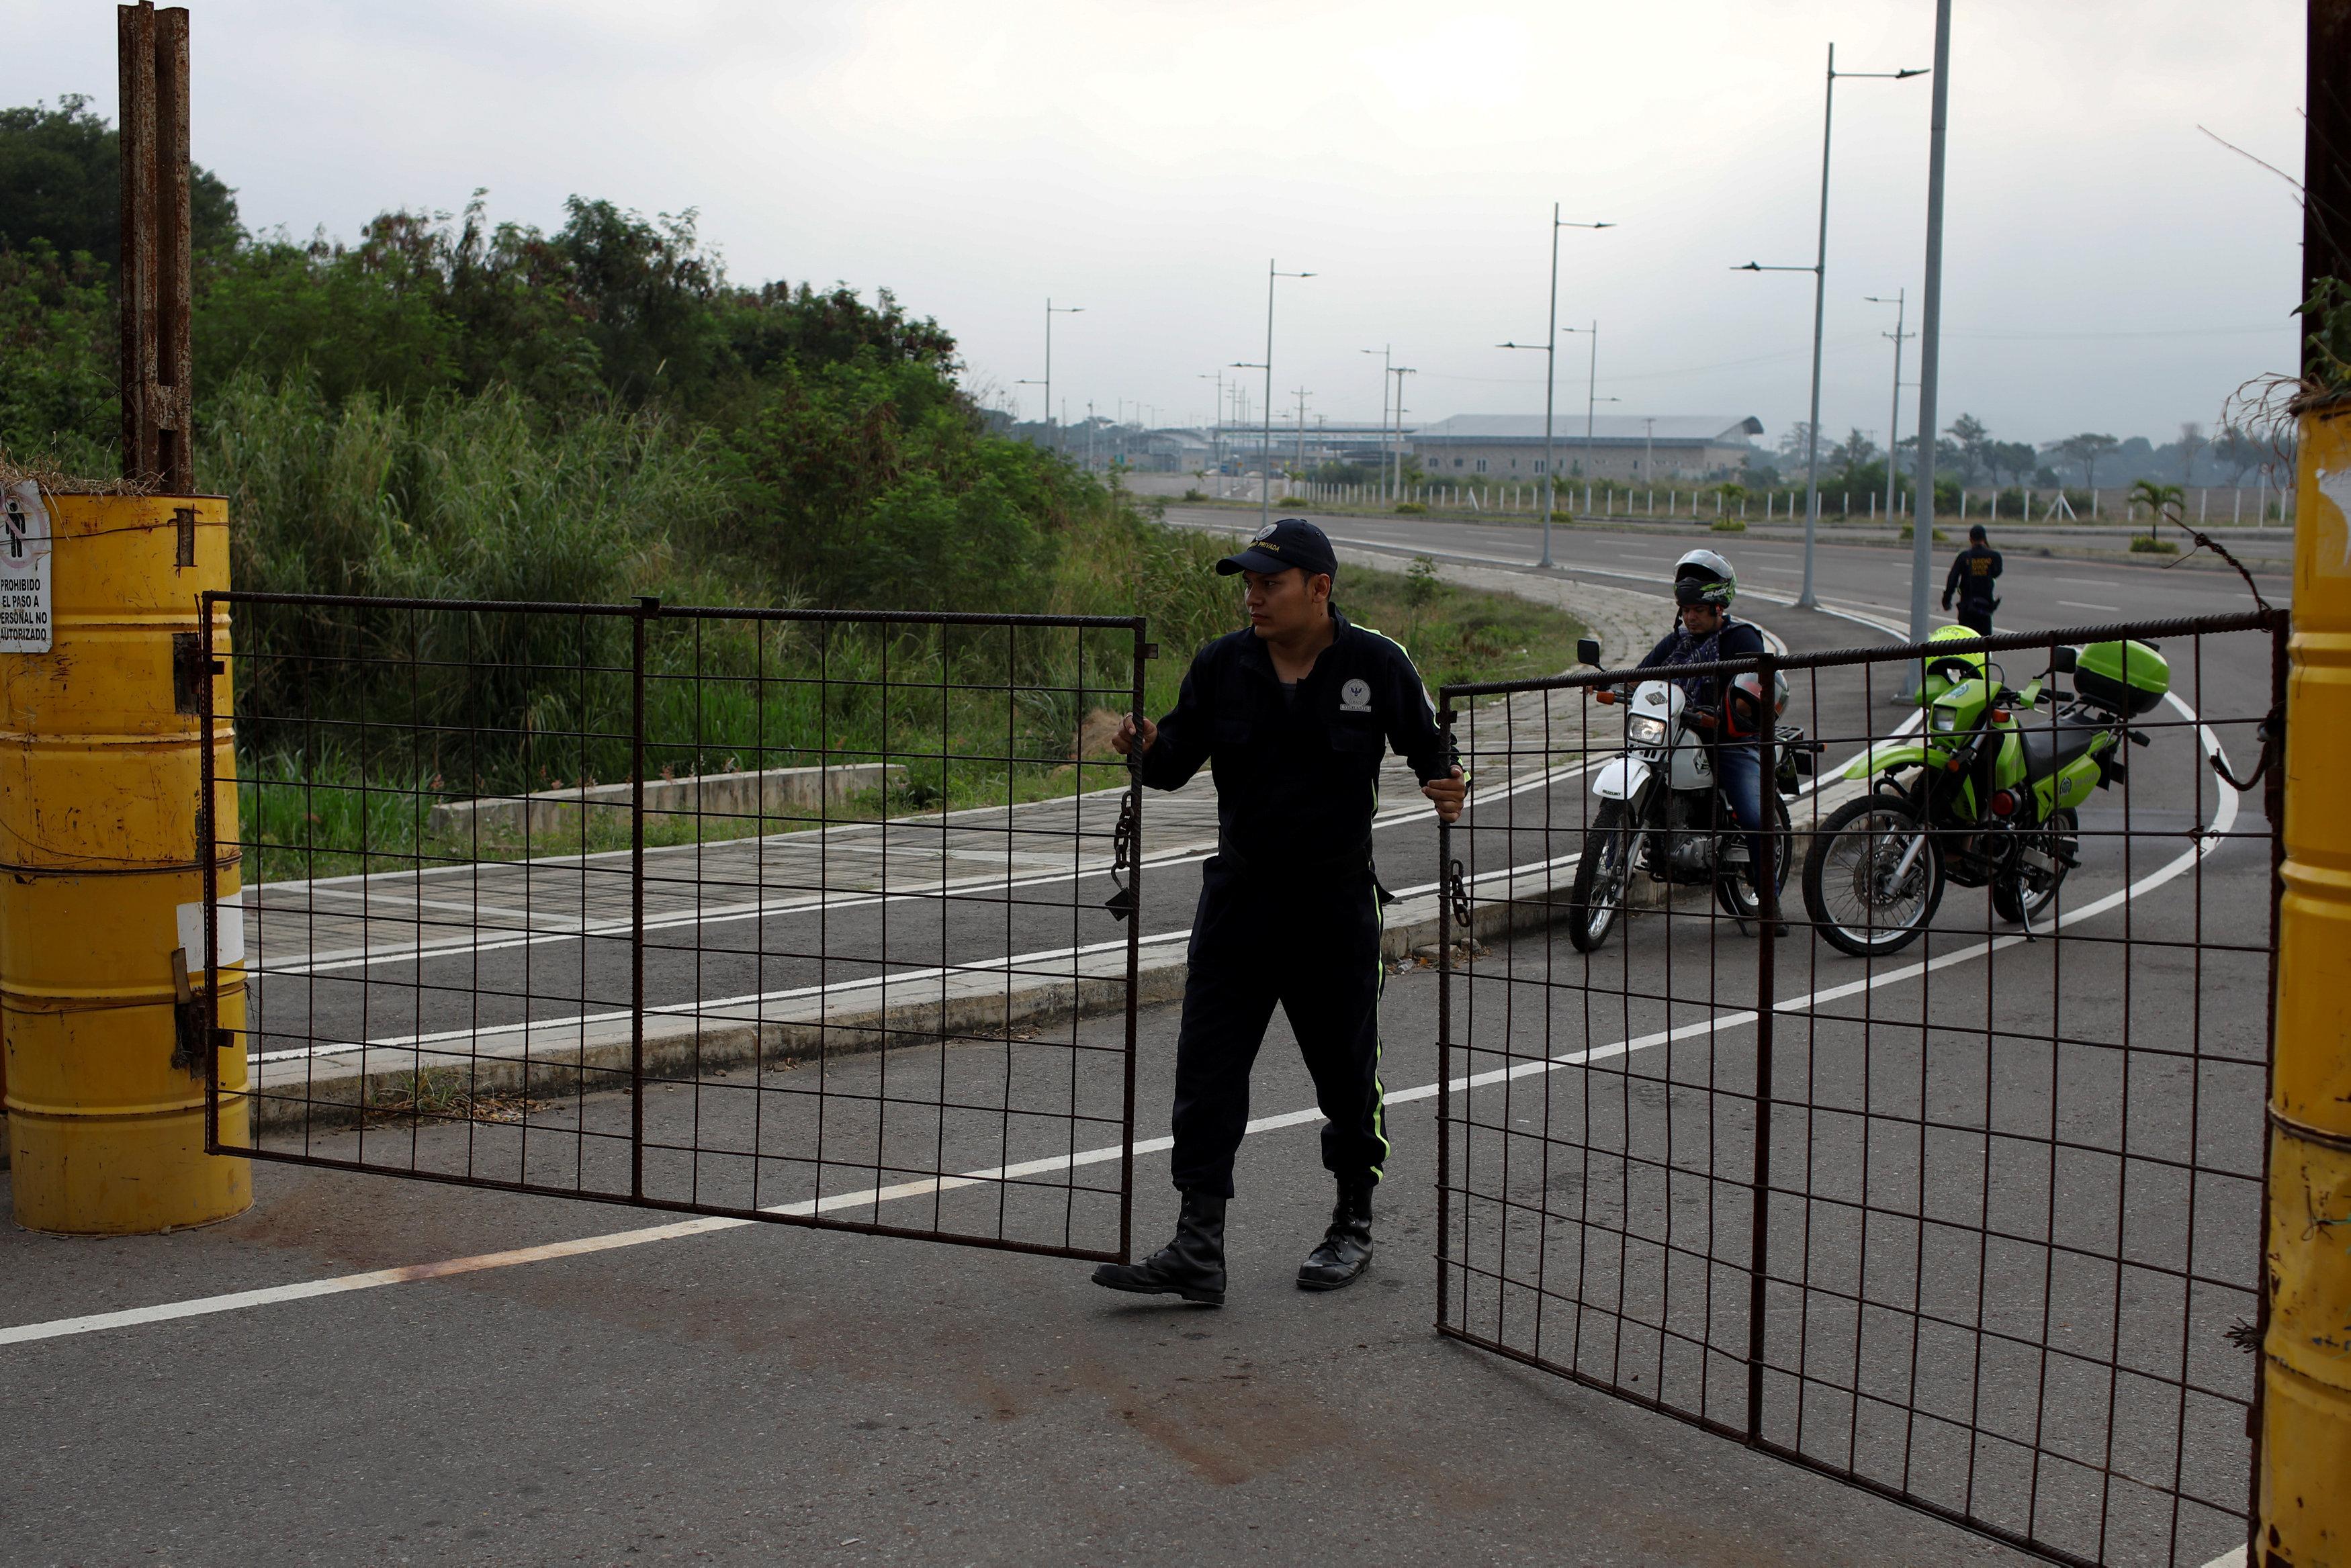 """El secretario de Estado de EEUU Mike Pompeo exigió este miércoles a Nicolás Maduro que deje entrar camiones con ayuda humanitaria al país para asistir al pueblo """"hambriento"""" y acusó al Ejército de estar bloqueando su ingreso."""